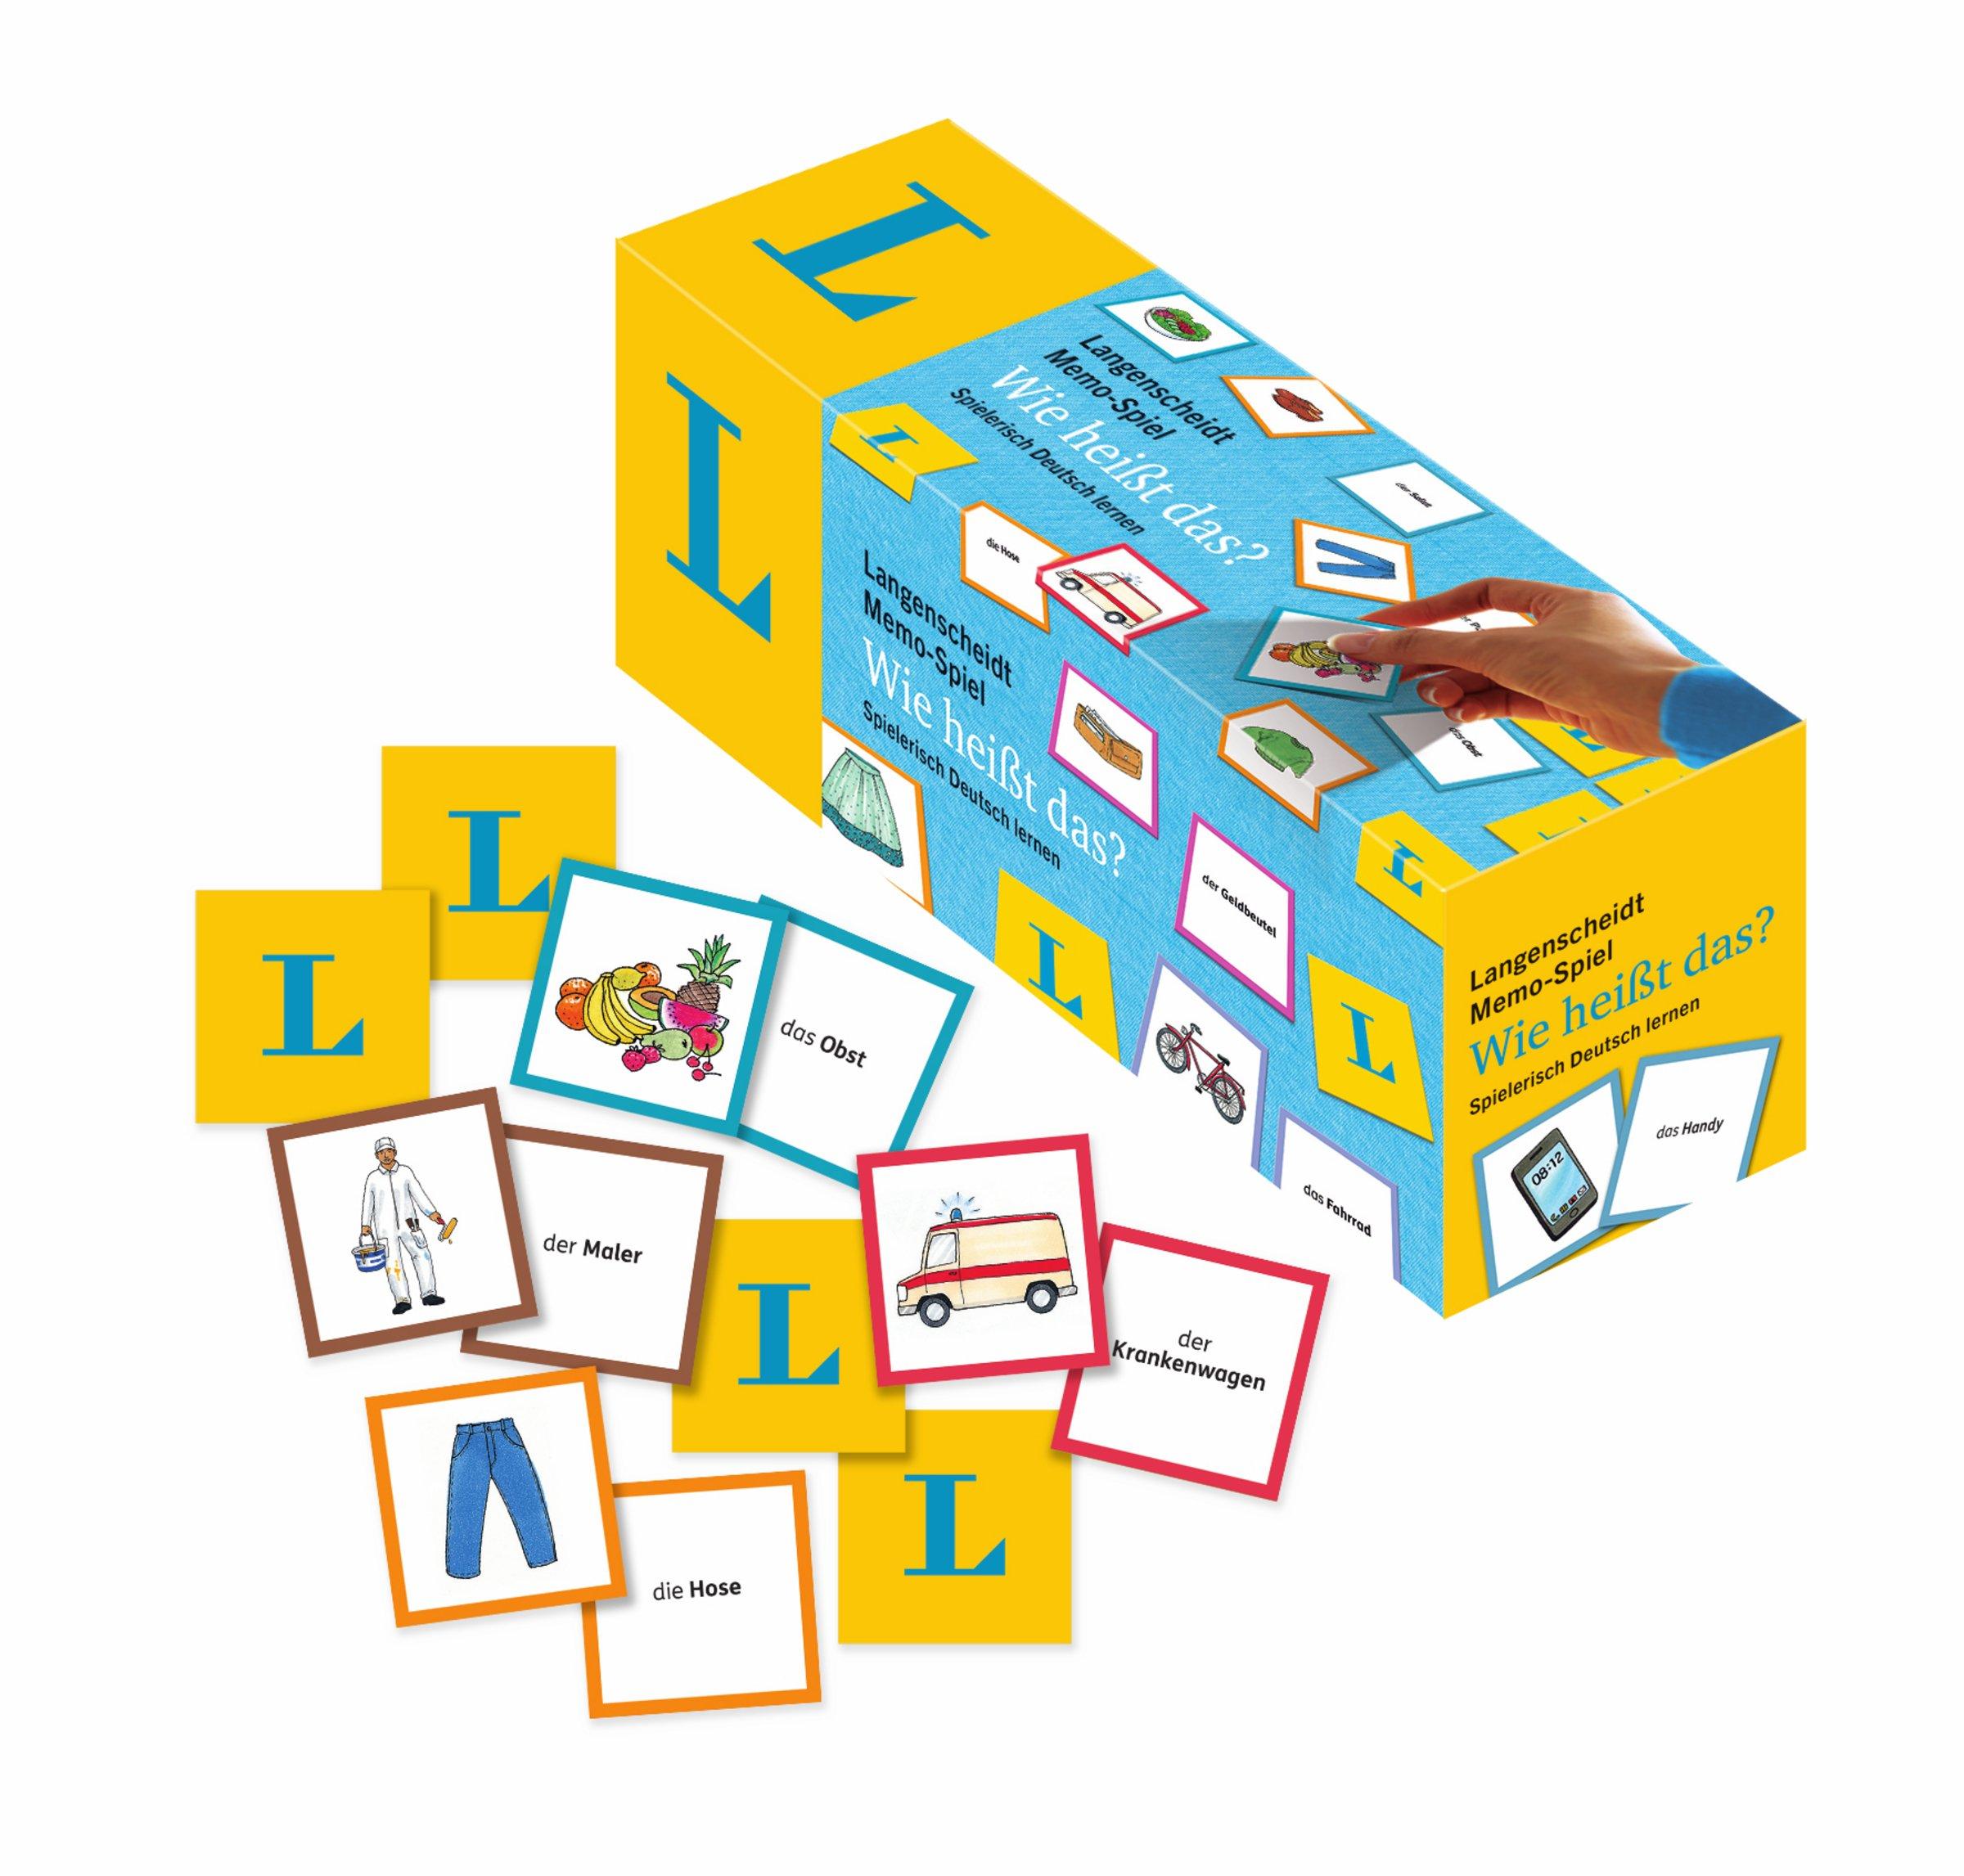 """Langenscheidt Memo Spiel """"Wie heißt das """" Memo Spiel in einer Box"""